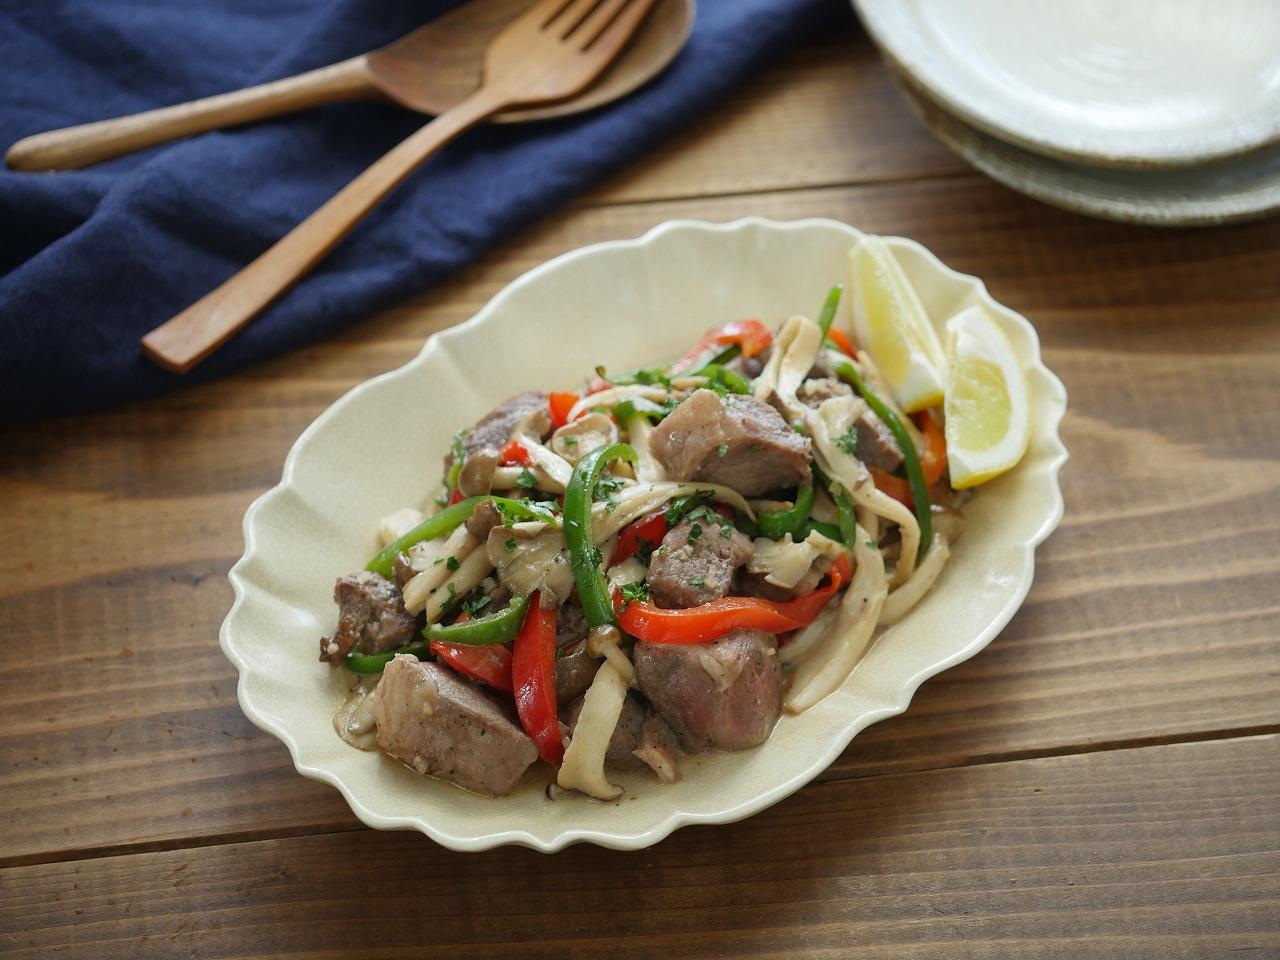 【レシピ動画】ラムもも肉といろいろきのこのホットサラダ